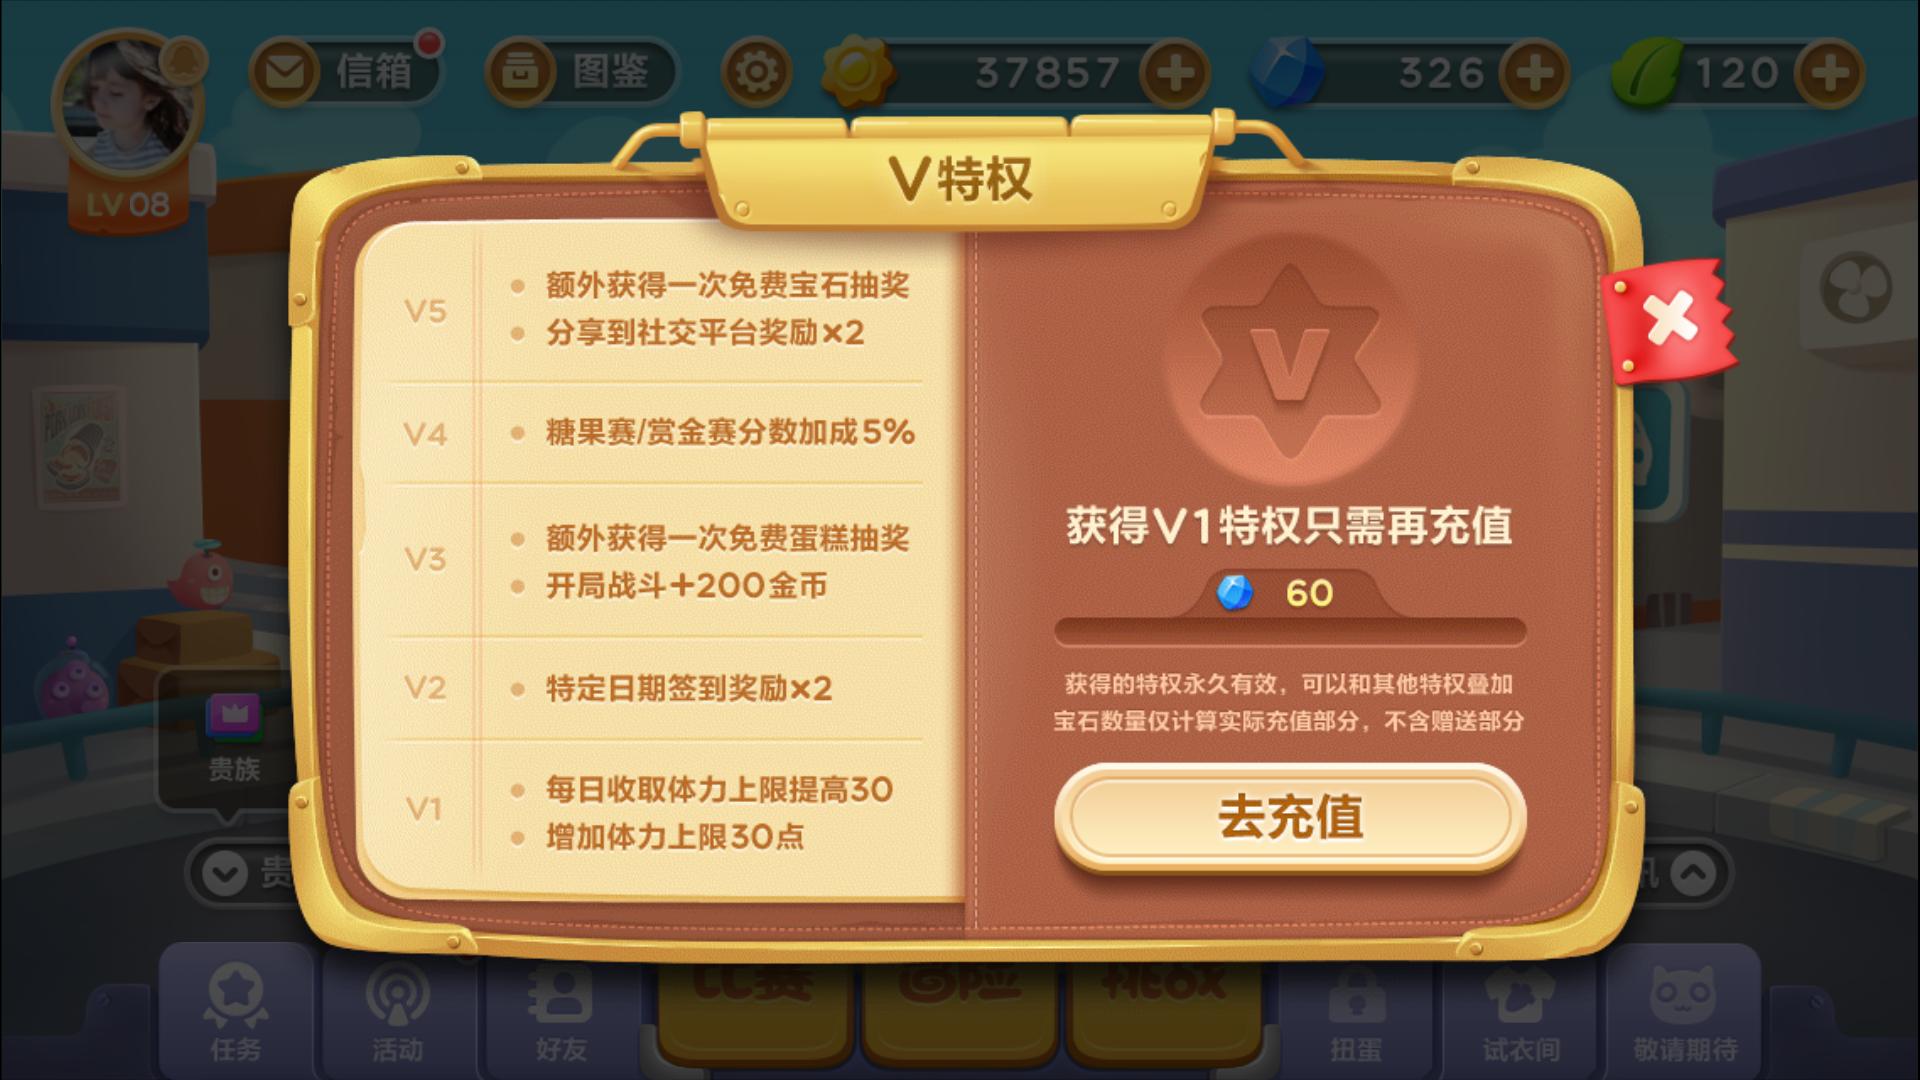 保卫萝卜3 vip5多少钱